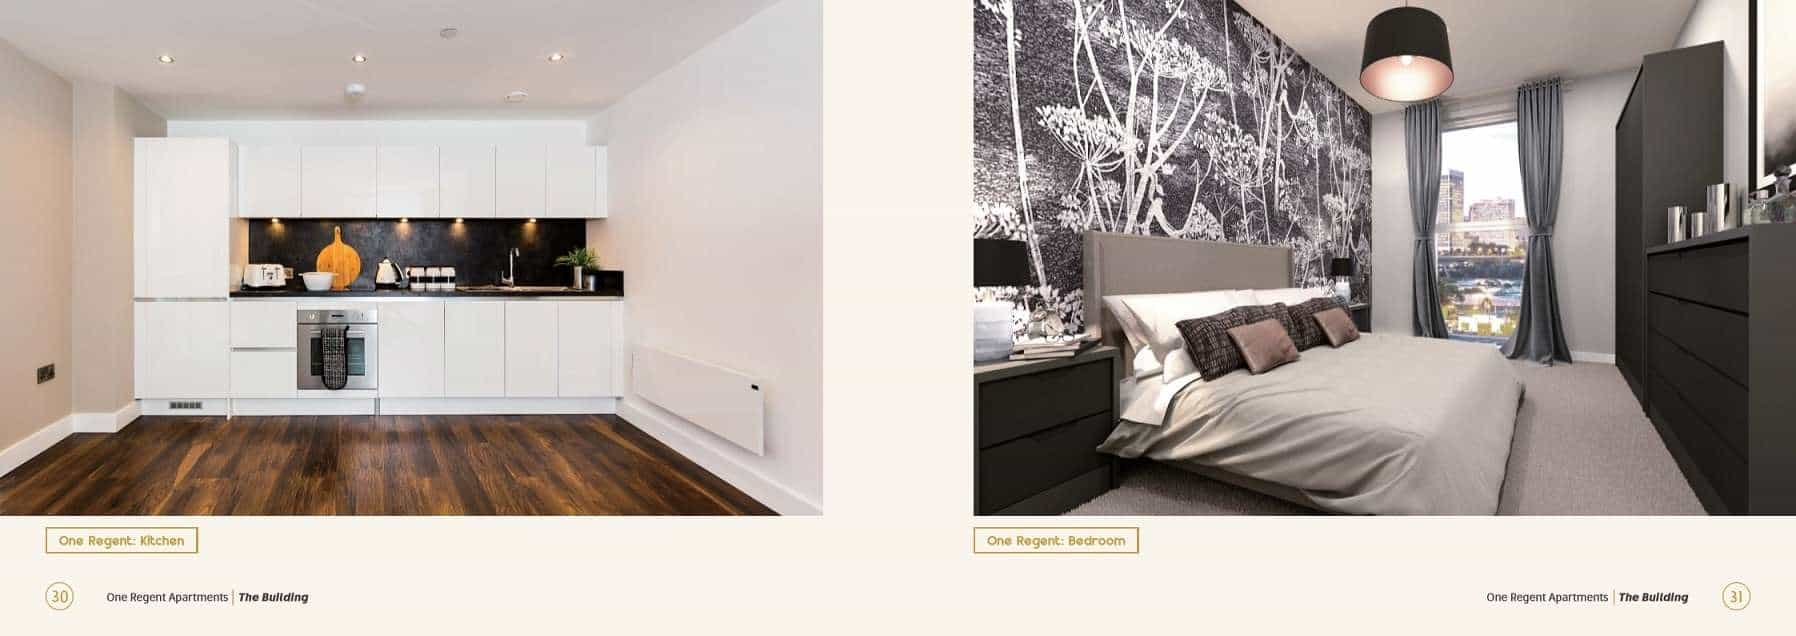 one-regent-manchester-interior